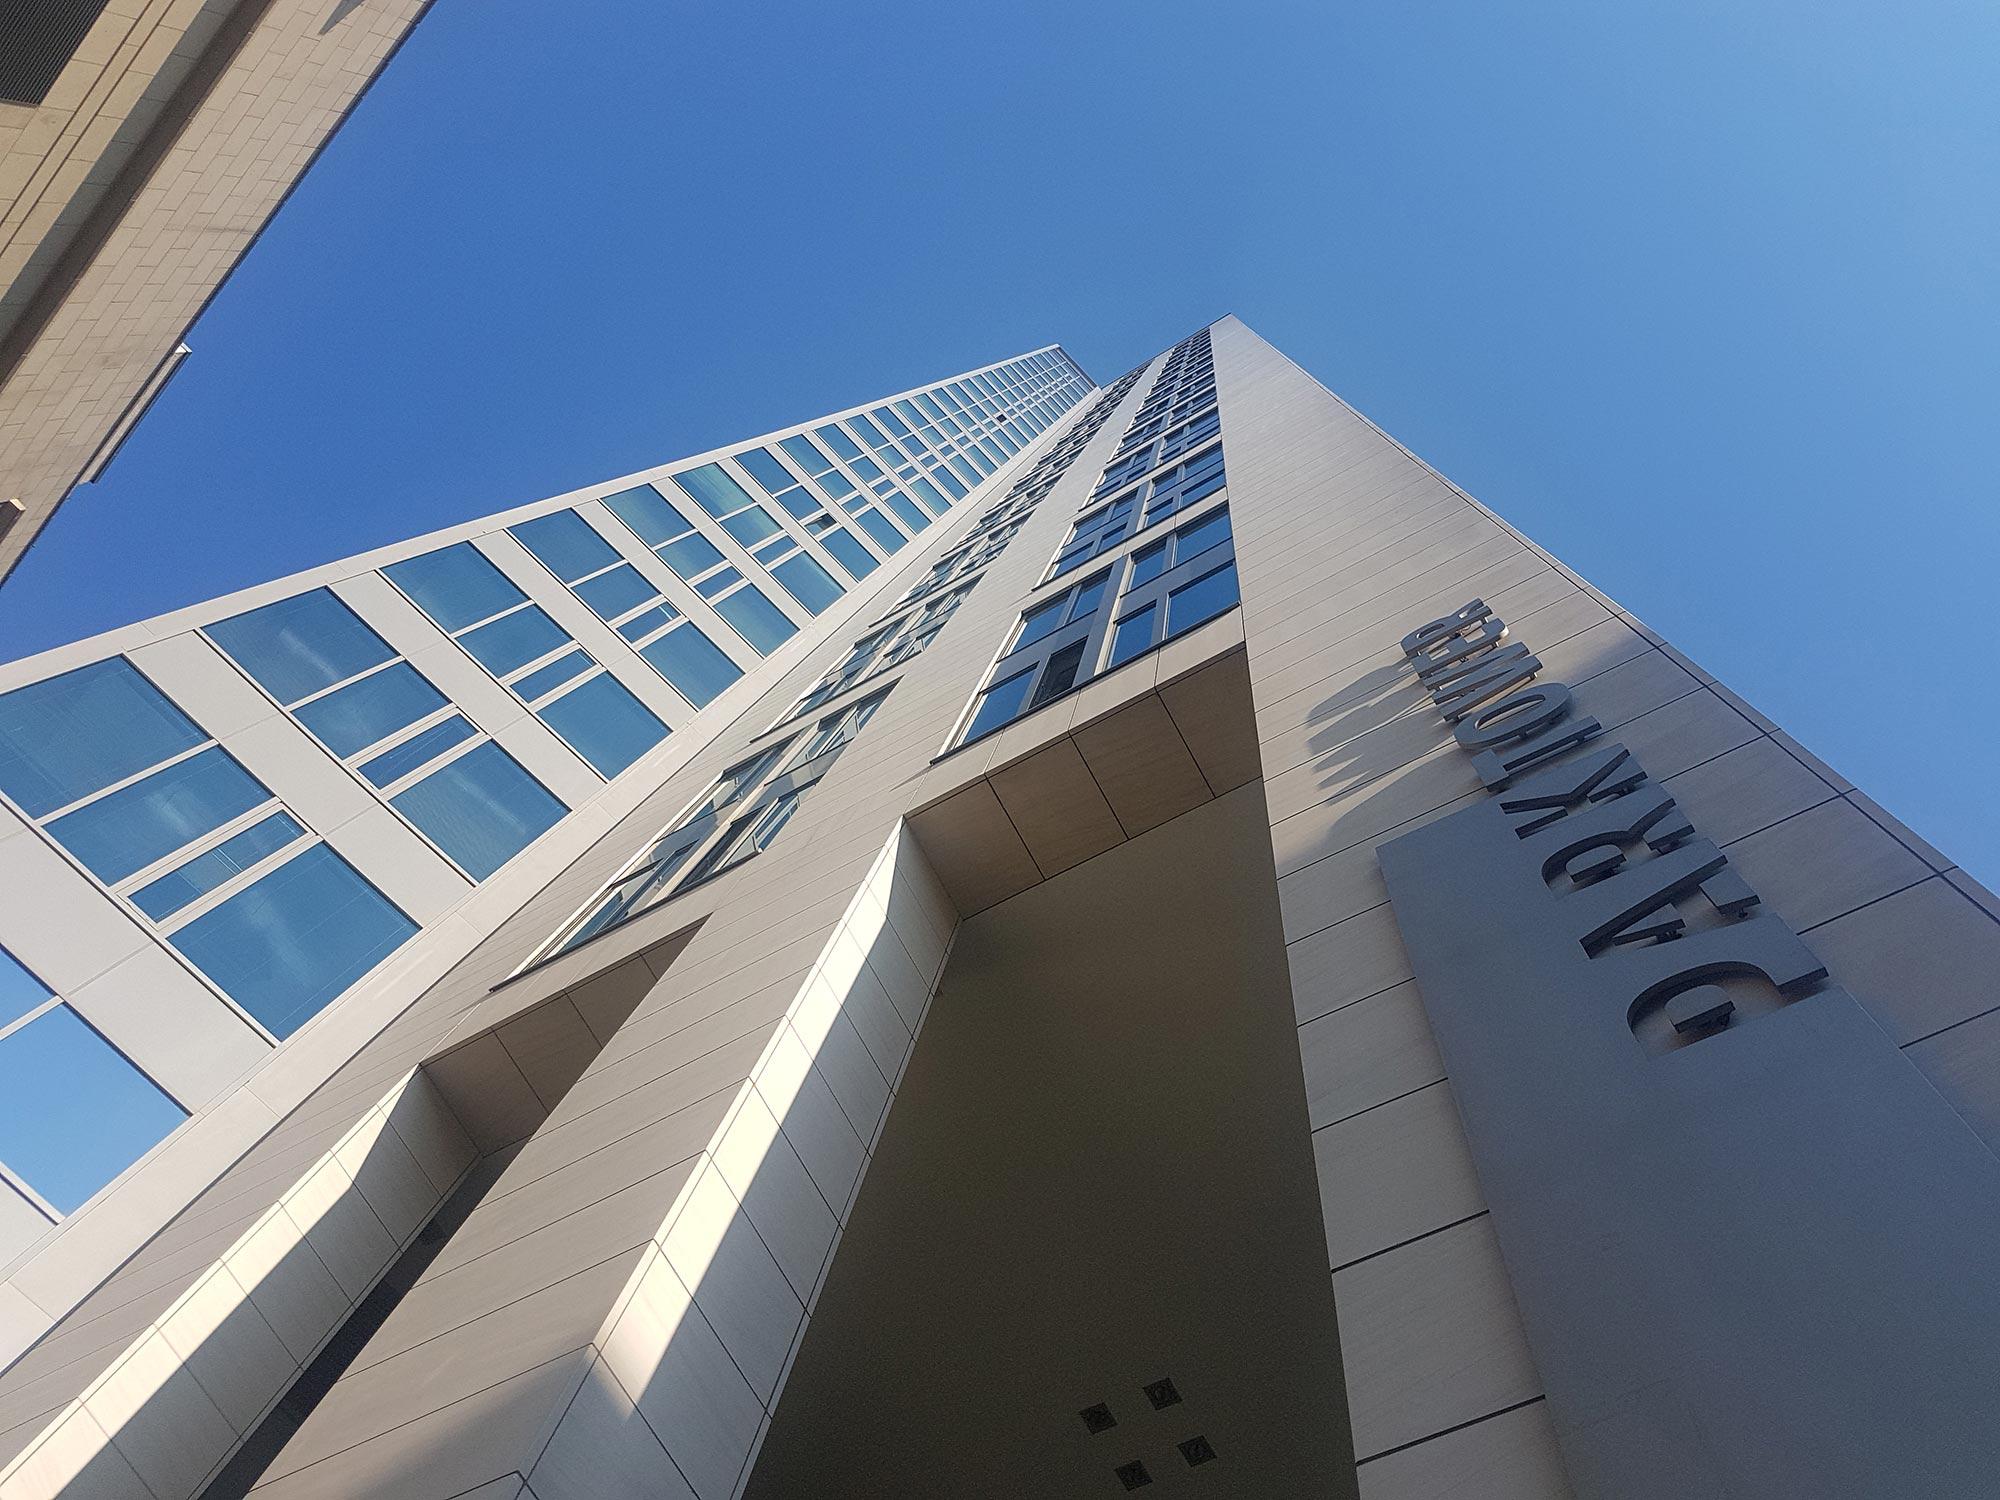 Frankfurt Park Tower Fassade - Hochhaus-Architektur - Parktower